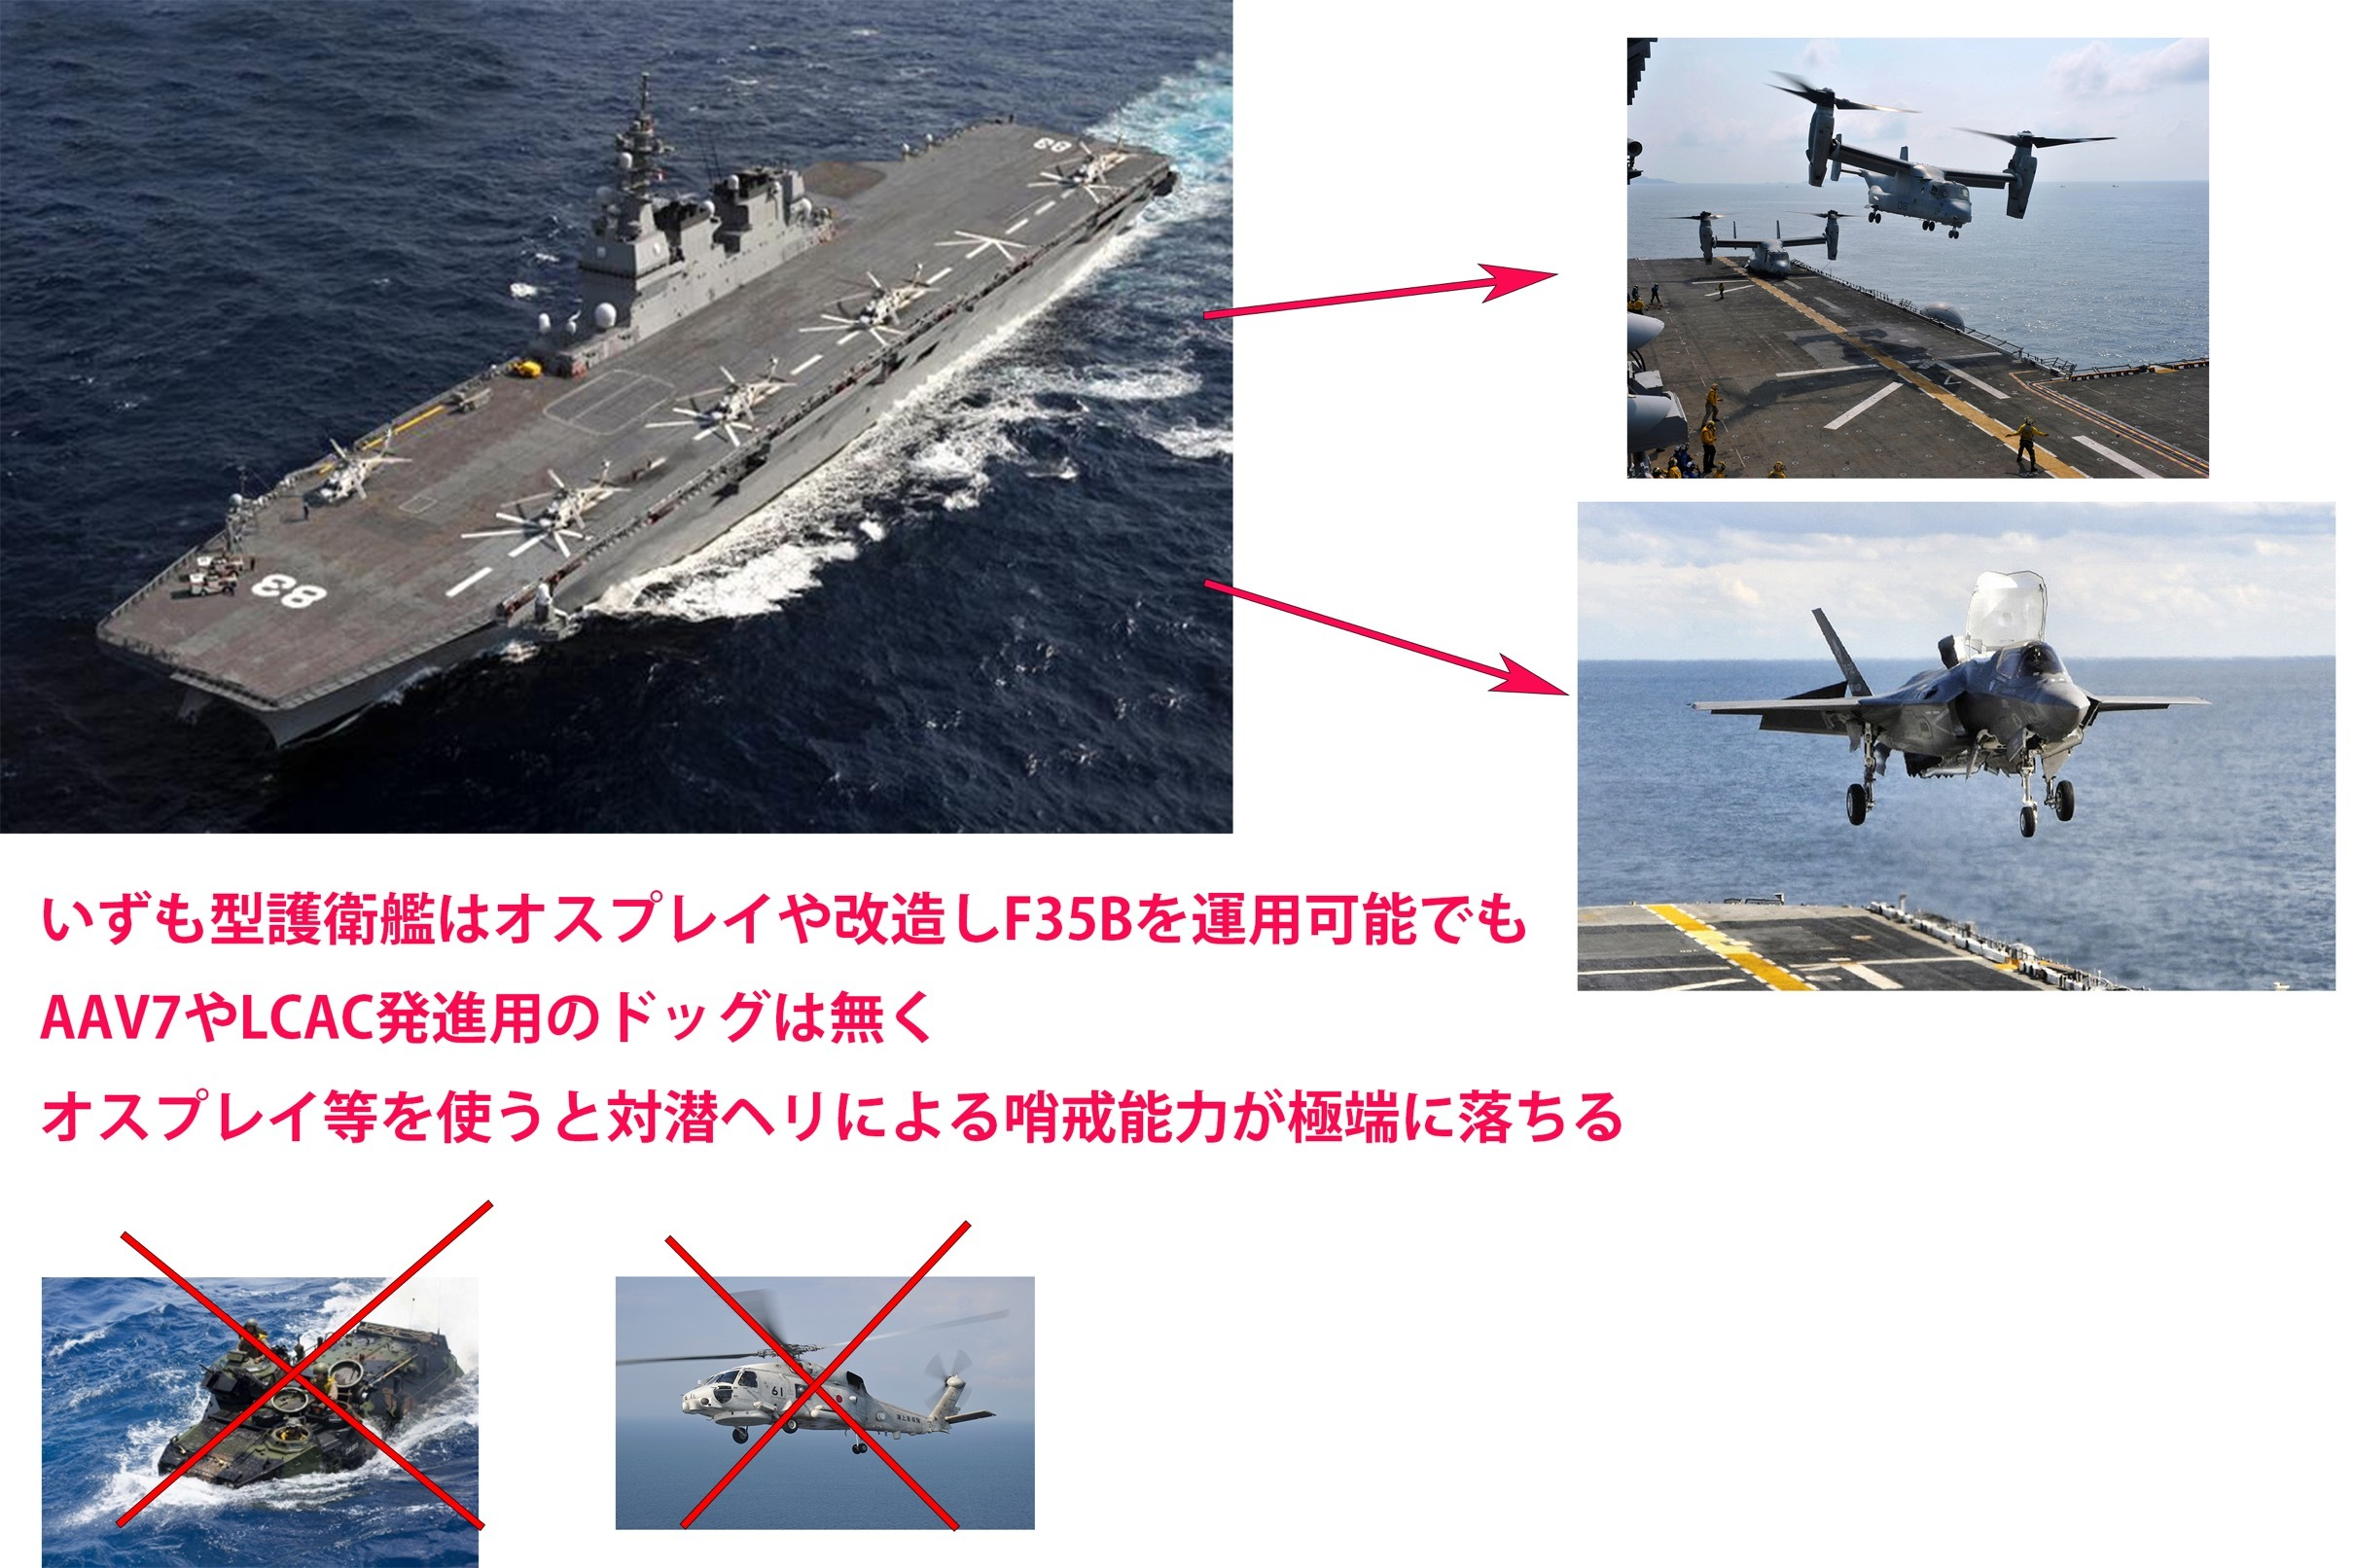 th_いずも型護衛艦運用